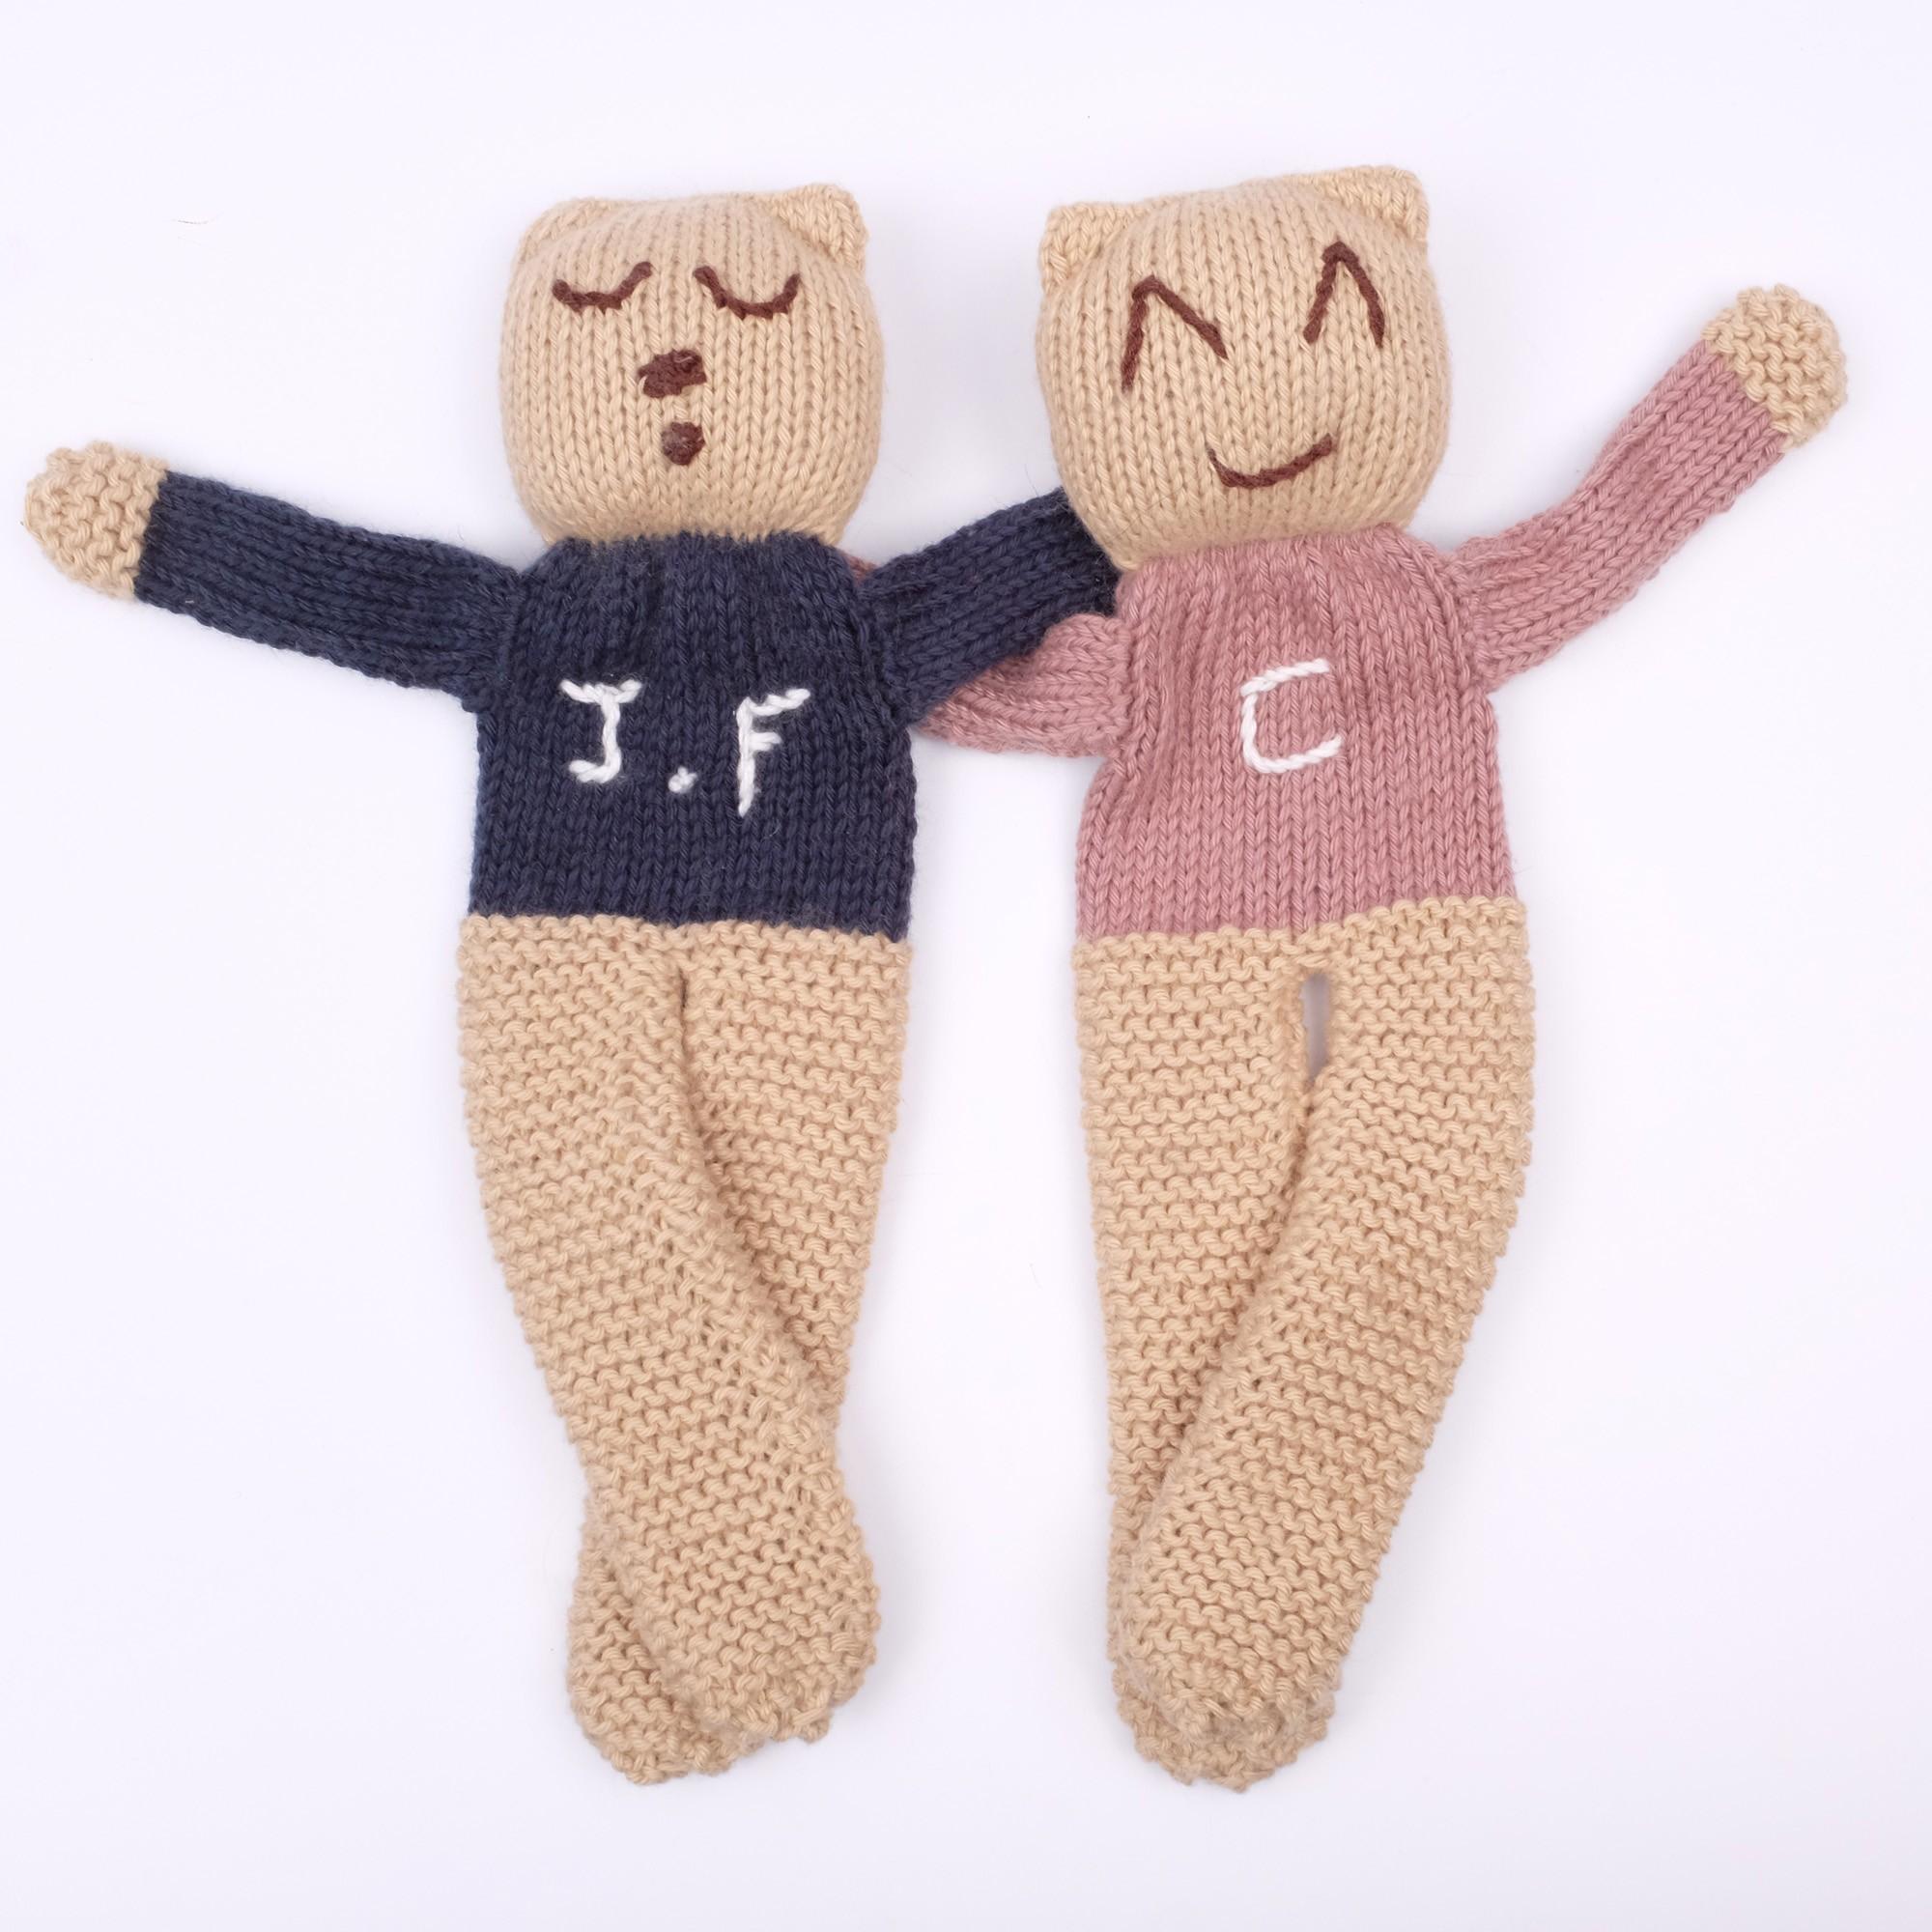 Oursons tricotés personnalisables - Avec deux initiales - taupe et marine